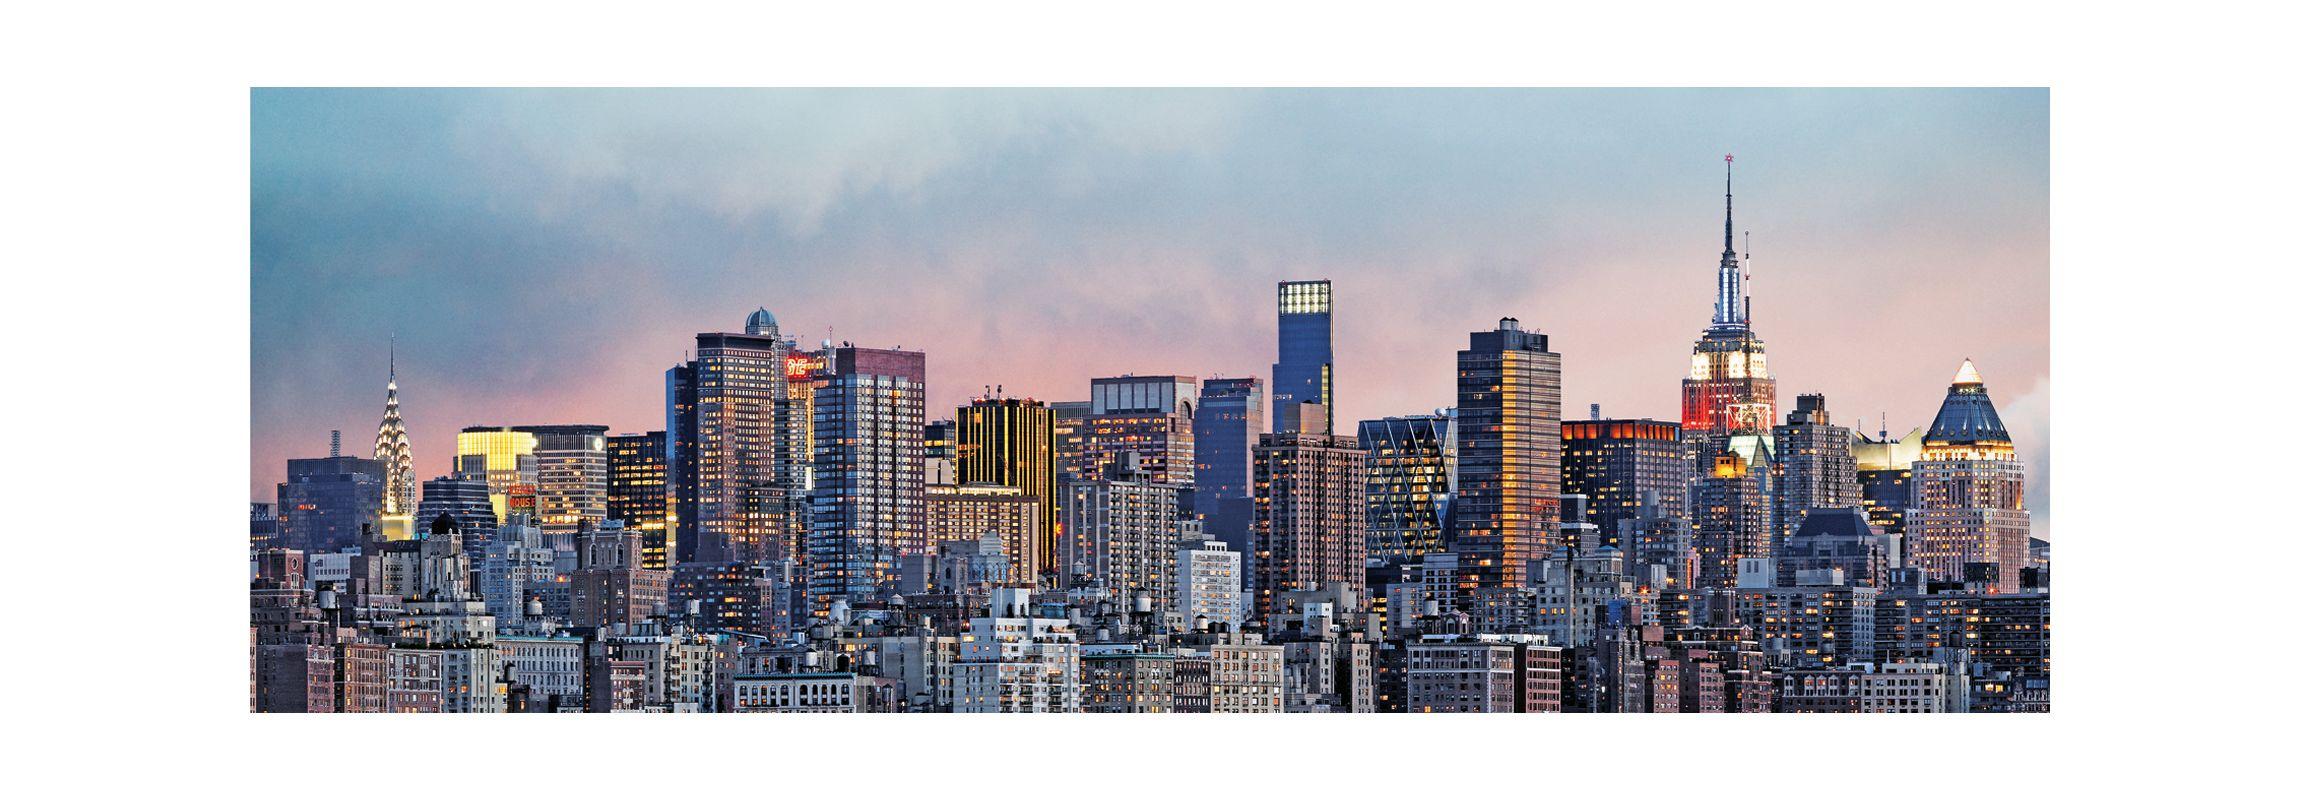 Brewster DM370 New York Skyline Wall Mural Home Decor Murals